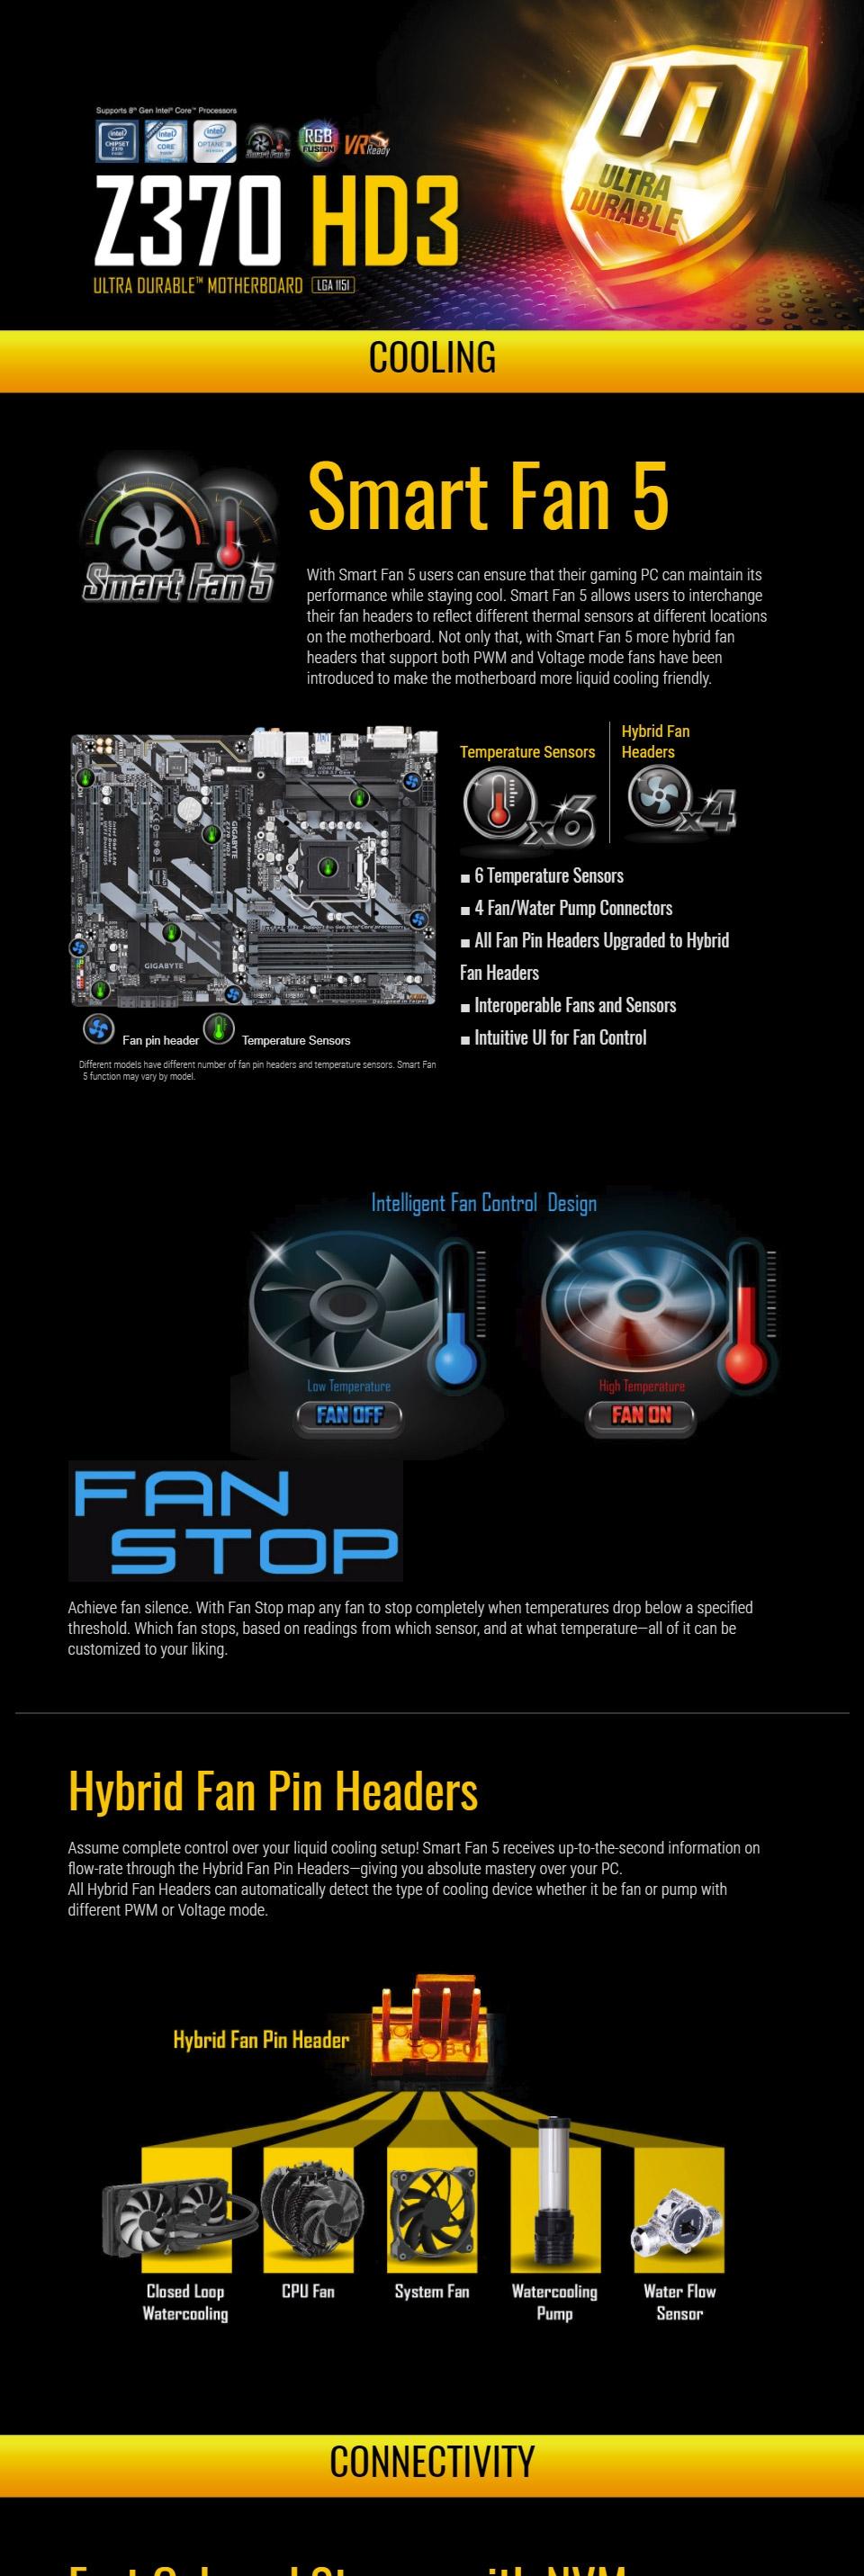 Gigabyte Z370 HD3 Motherboard